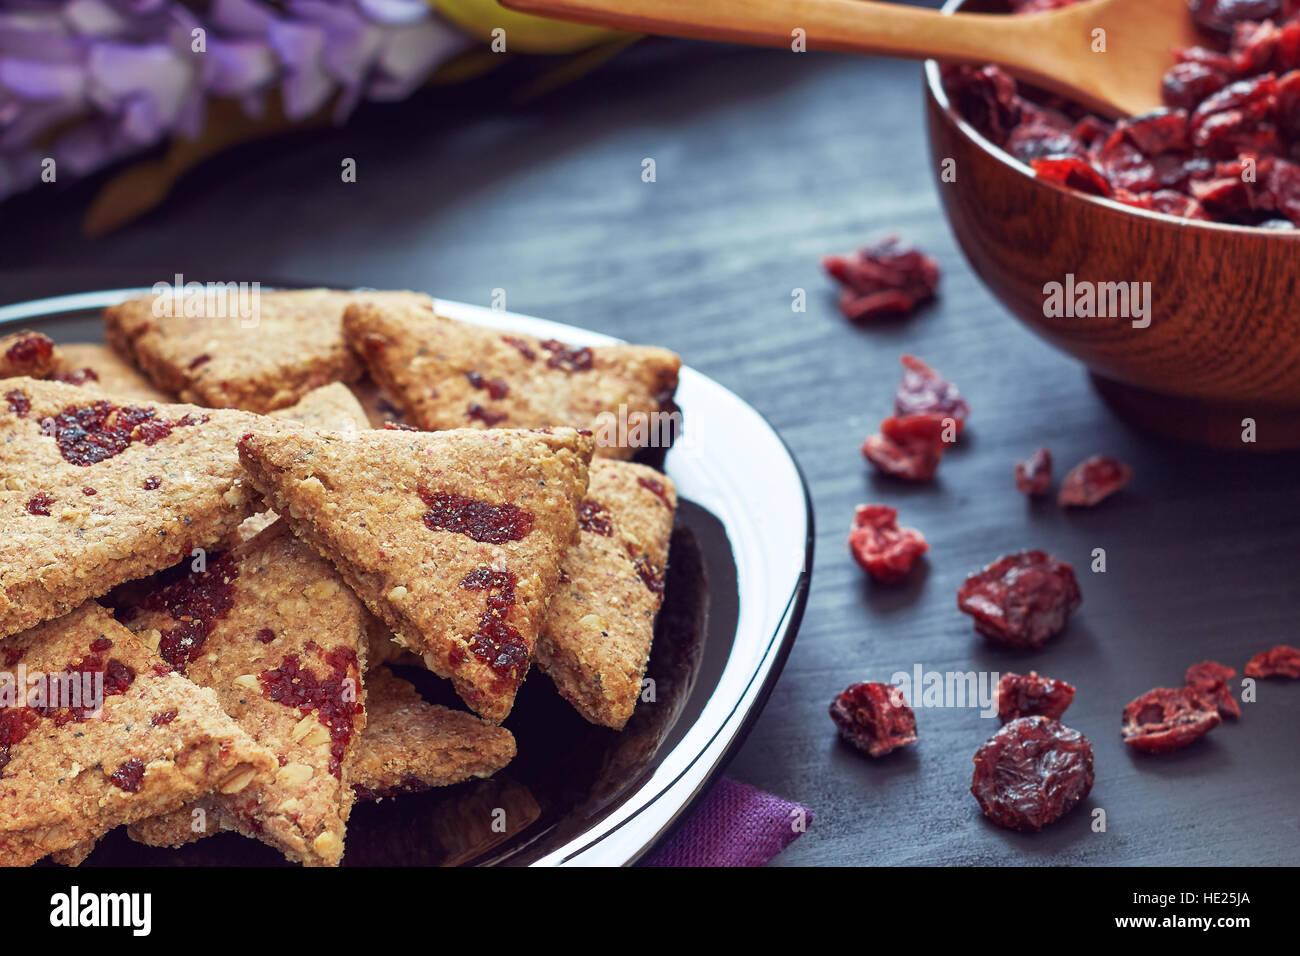 Vollkorn-Kekse mit getrockneten Cranberries auf schwarzem Hintergrund aus Holz Stockbild